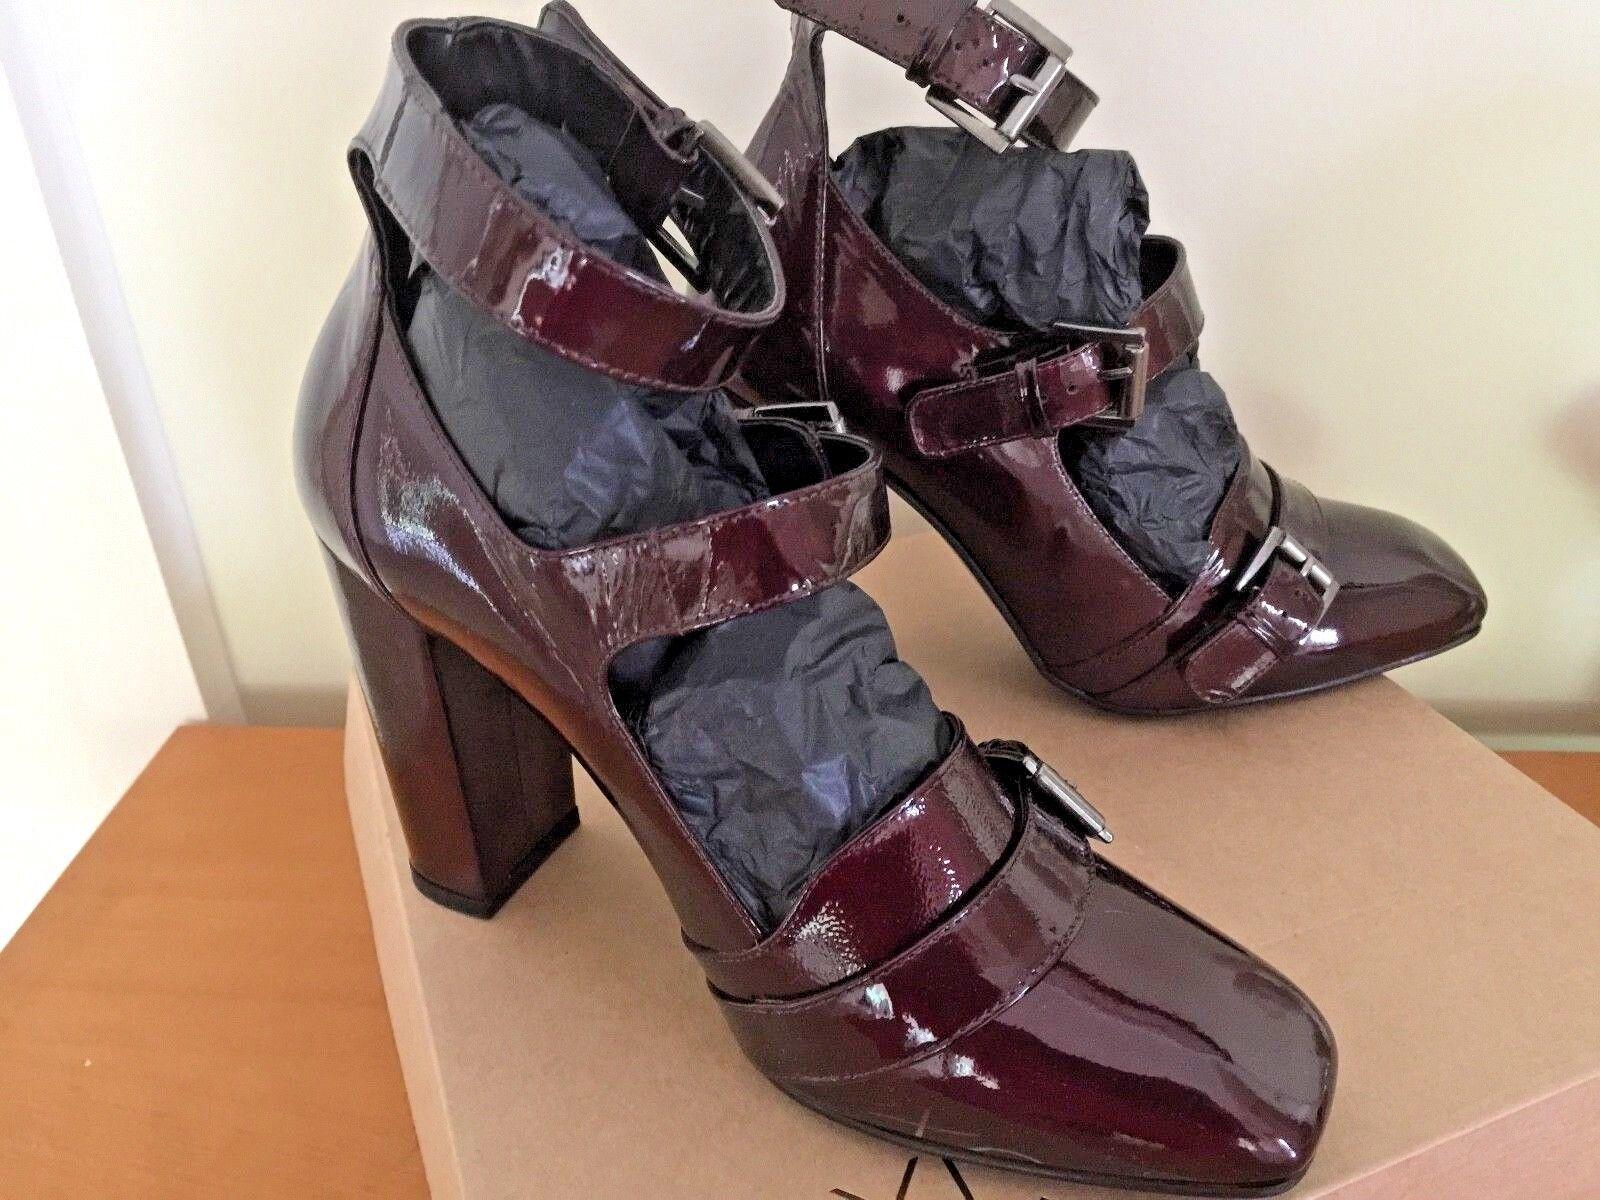 Leder Damens Schuhes colour NEW Größe 40EU 6.5 UK Berry colour Schuhes with buckles 8ef8d7